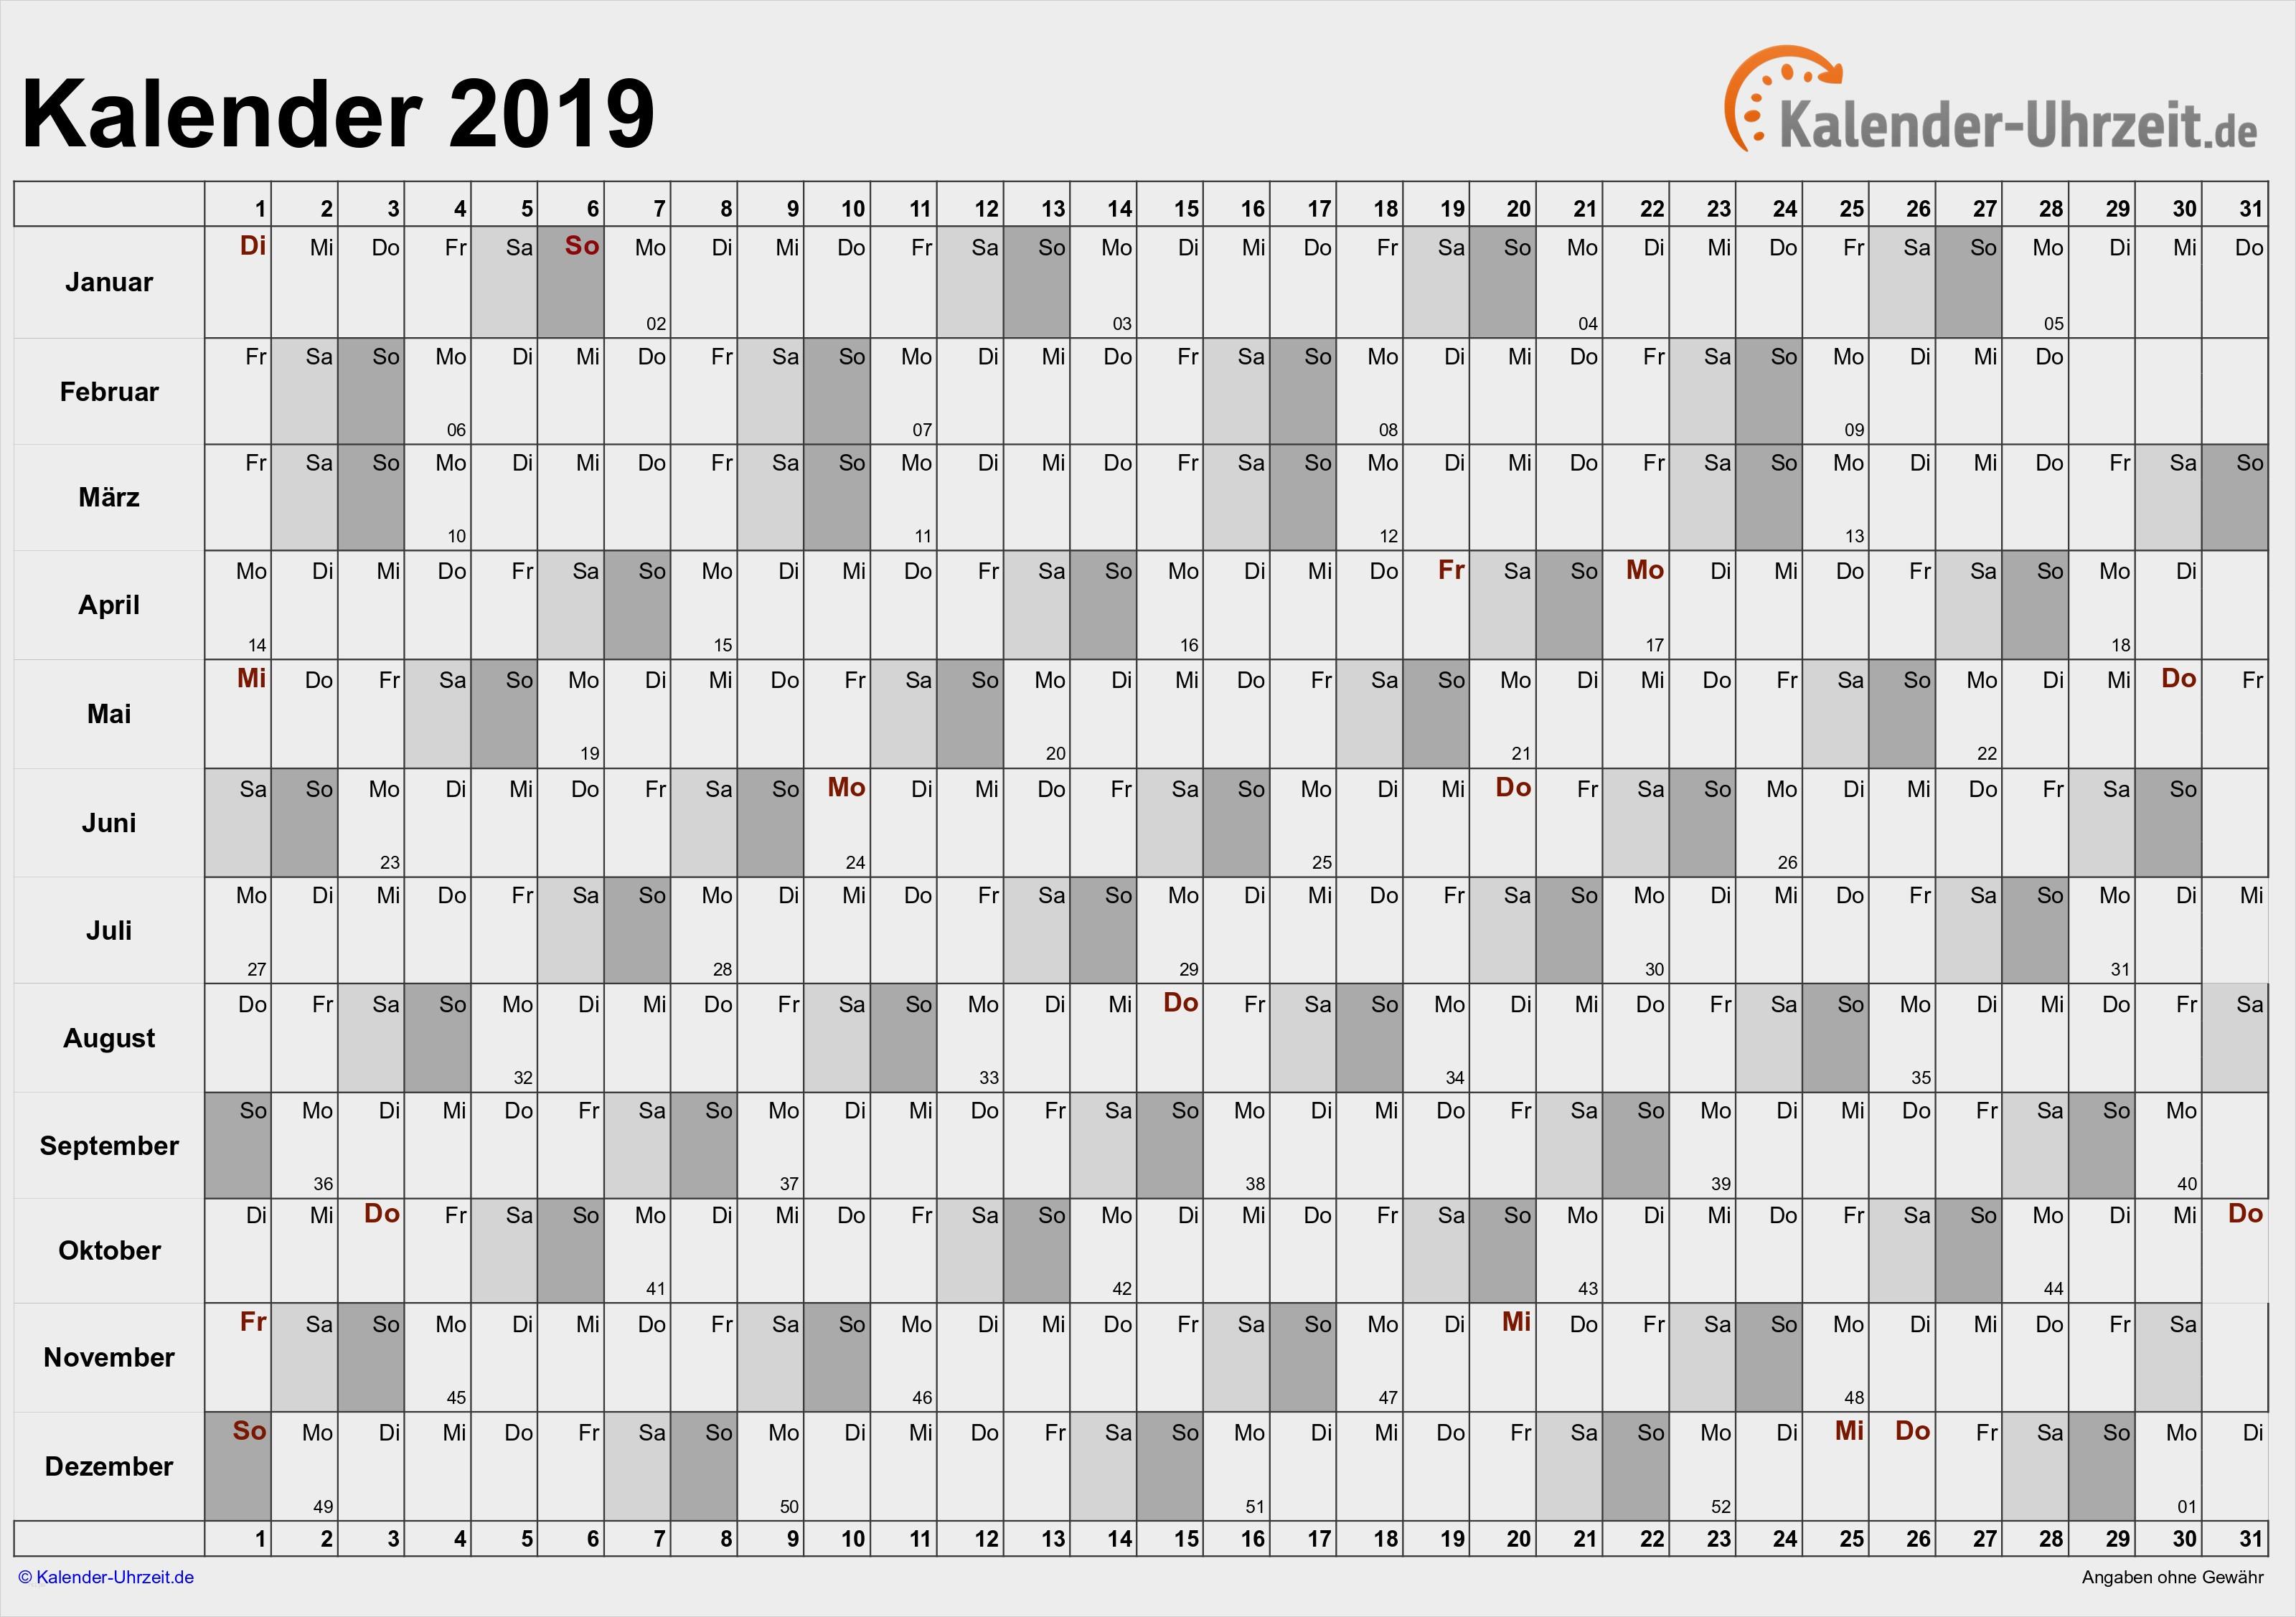 urlaubsplanung vorlage 2016 genial kalender 2019 zum ausdrucken kostenlos der urlaubsplanung vorlage 2016